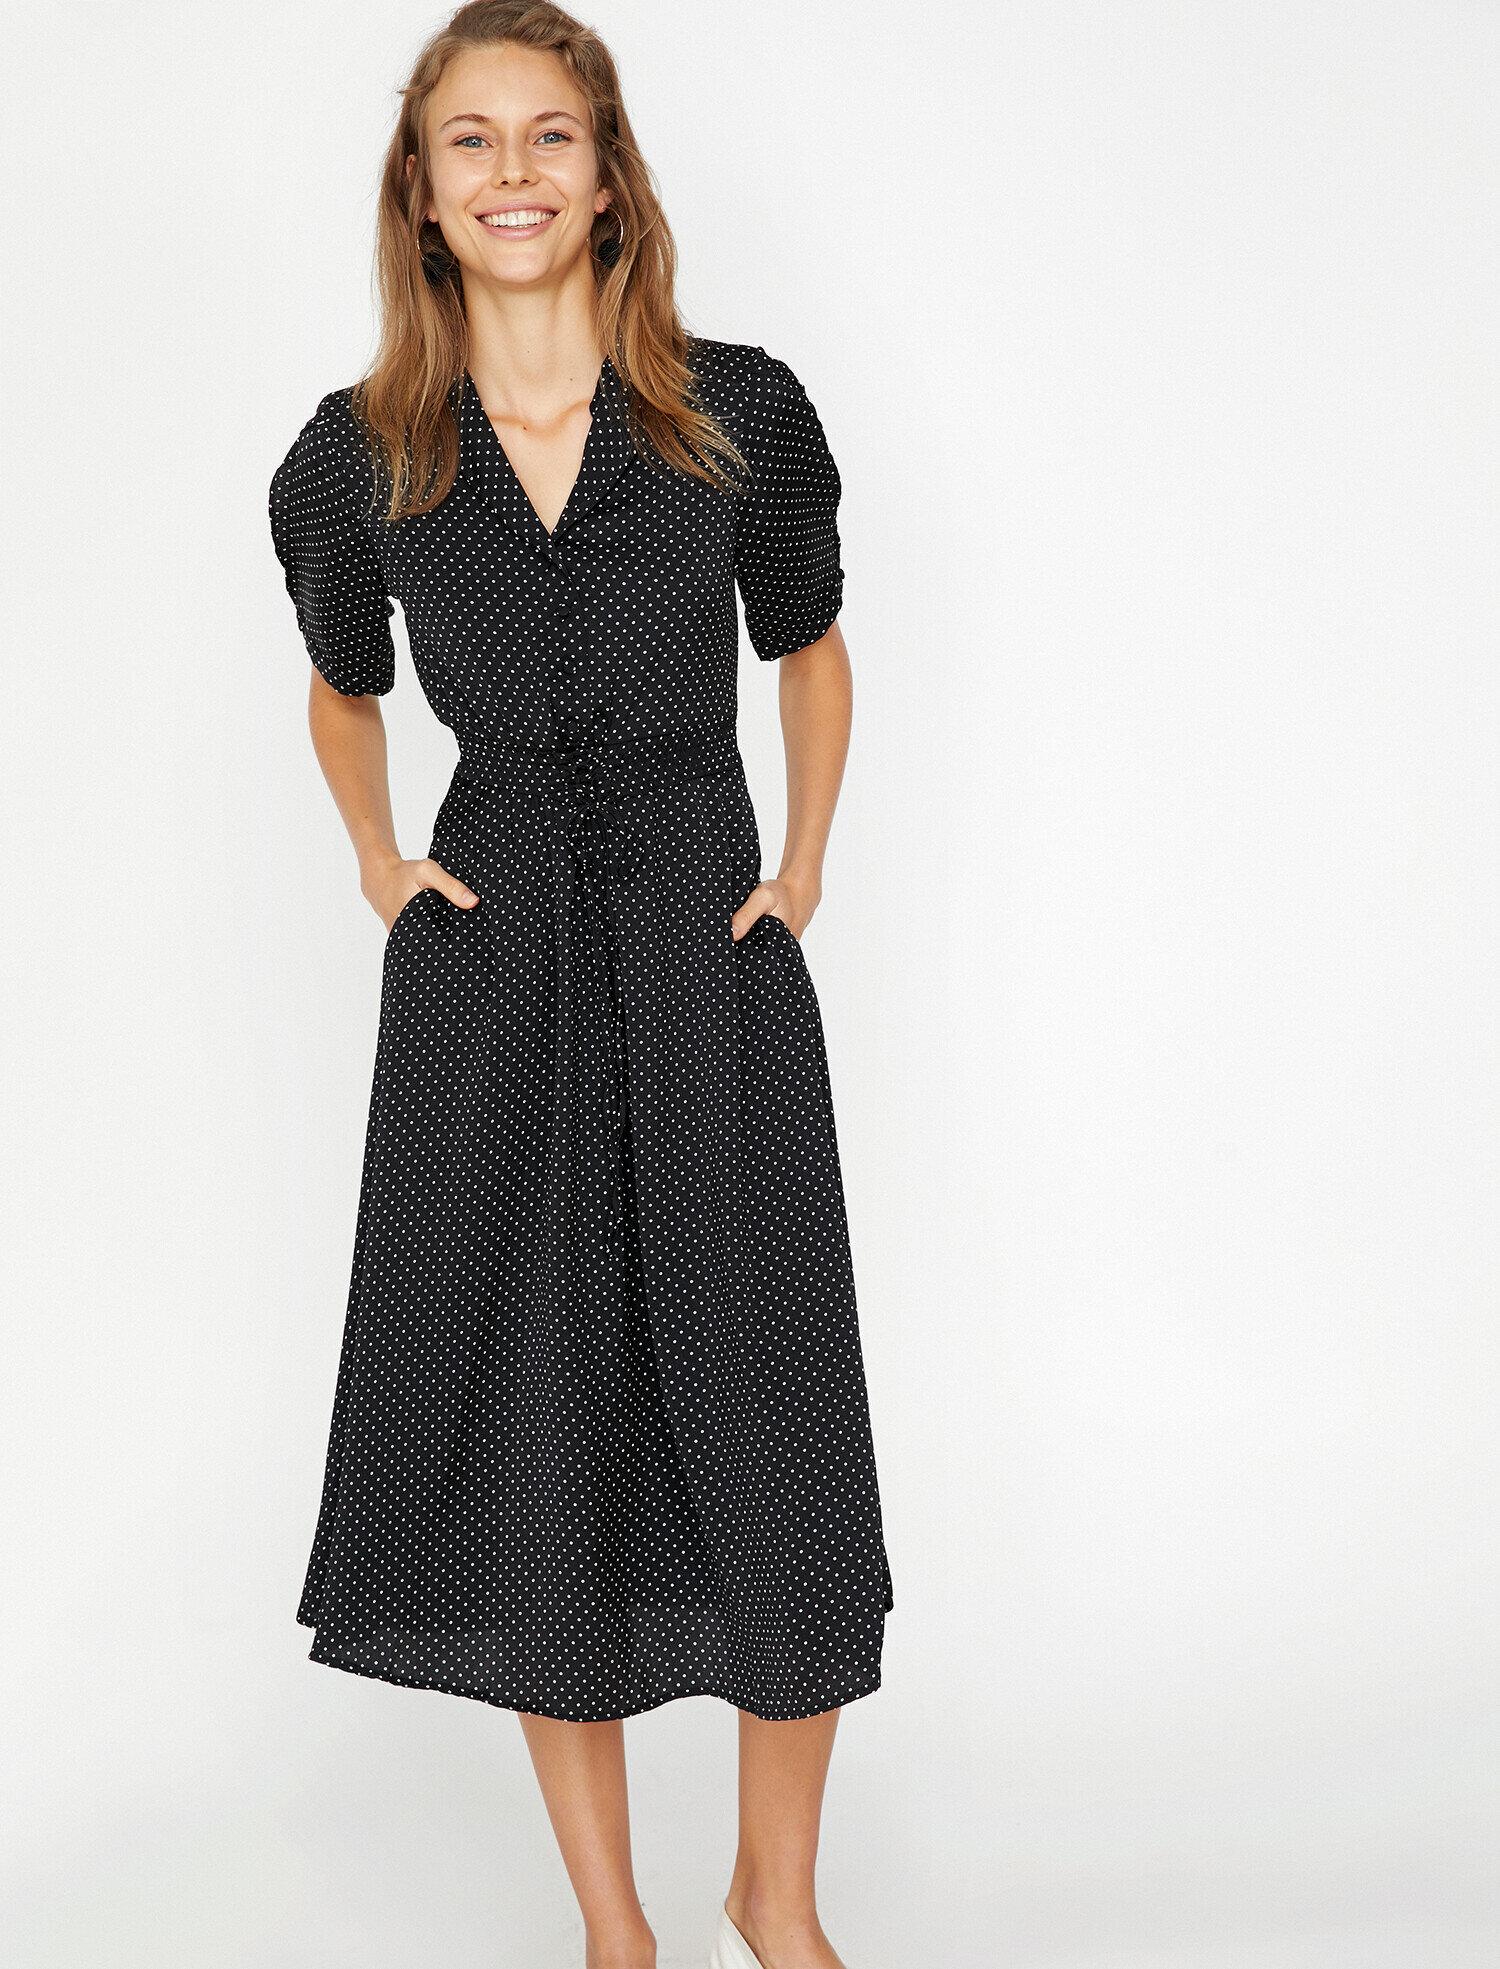 f0c5c1b78309b Siyah Bayan Puantiyeli Elbise 9KAK88633PW07D | Koton